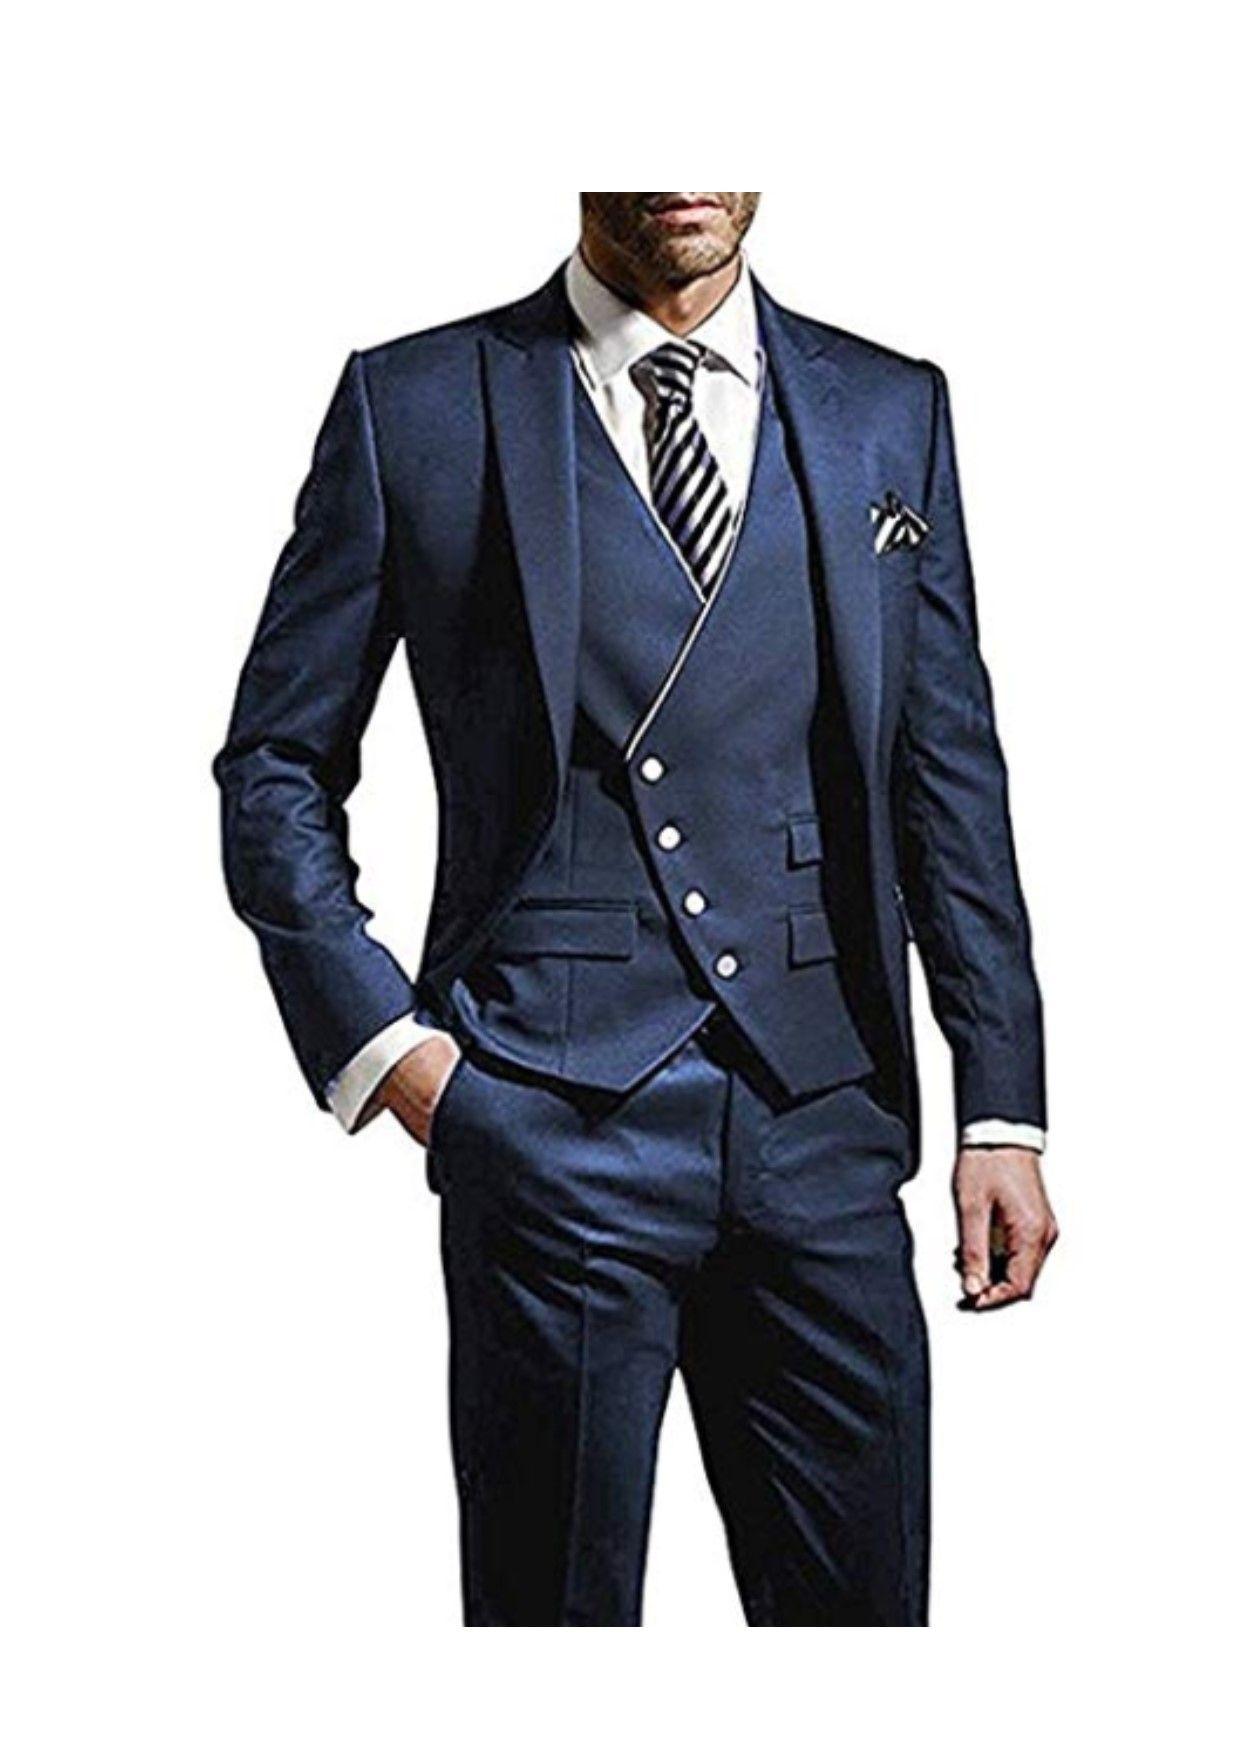 829eb2f68e2 Men s Slim Fit Peak Lapel Suits 3 Pieces Wedding Suits for Men Groom Tuexdos